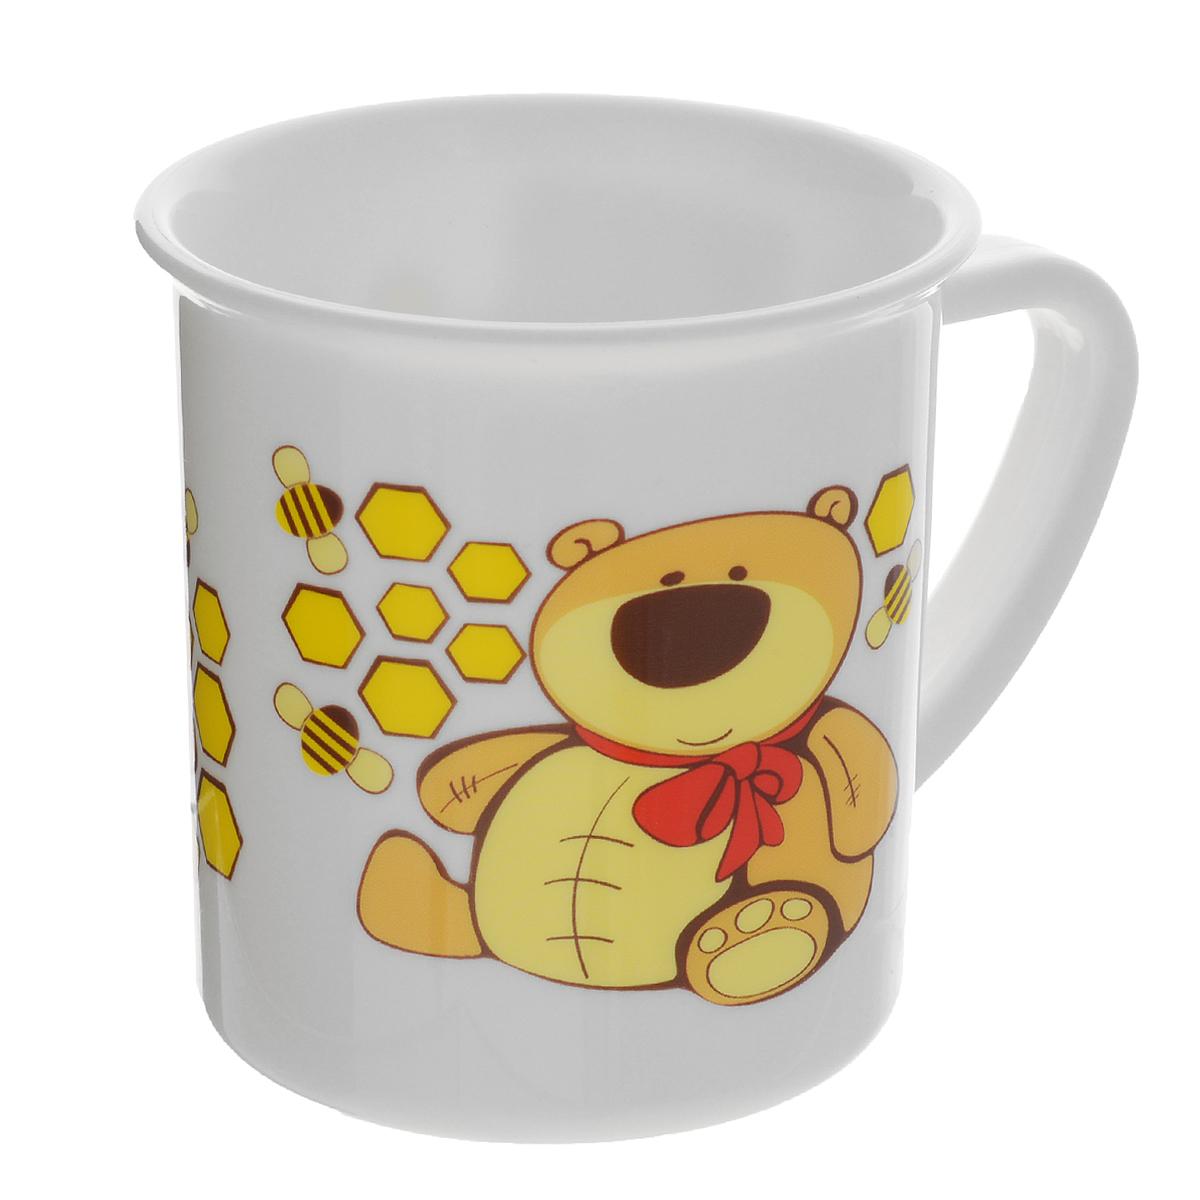 Canpol Babies Чашка детская Мишка цвет желтый115510Детская чашка Canpol Babies предназначена для того, чтобы приучить малыша пить из посуды для взрослых. Чашка выполнена из безопасного полипропилена и оформлена изображением забавного котика.Чашка выглядит совсем как обычная, однако она меньше по объему. Если случайно малыш уронит чашку, то она не разобьется.